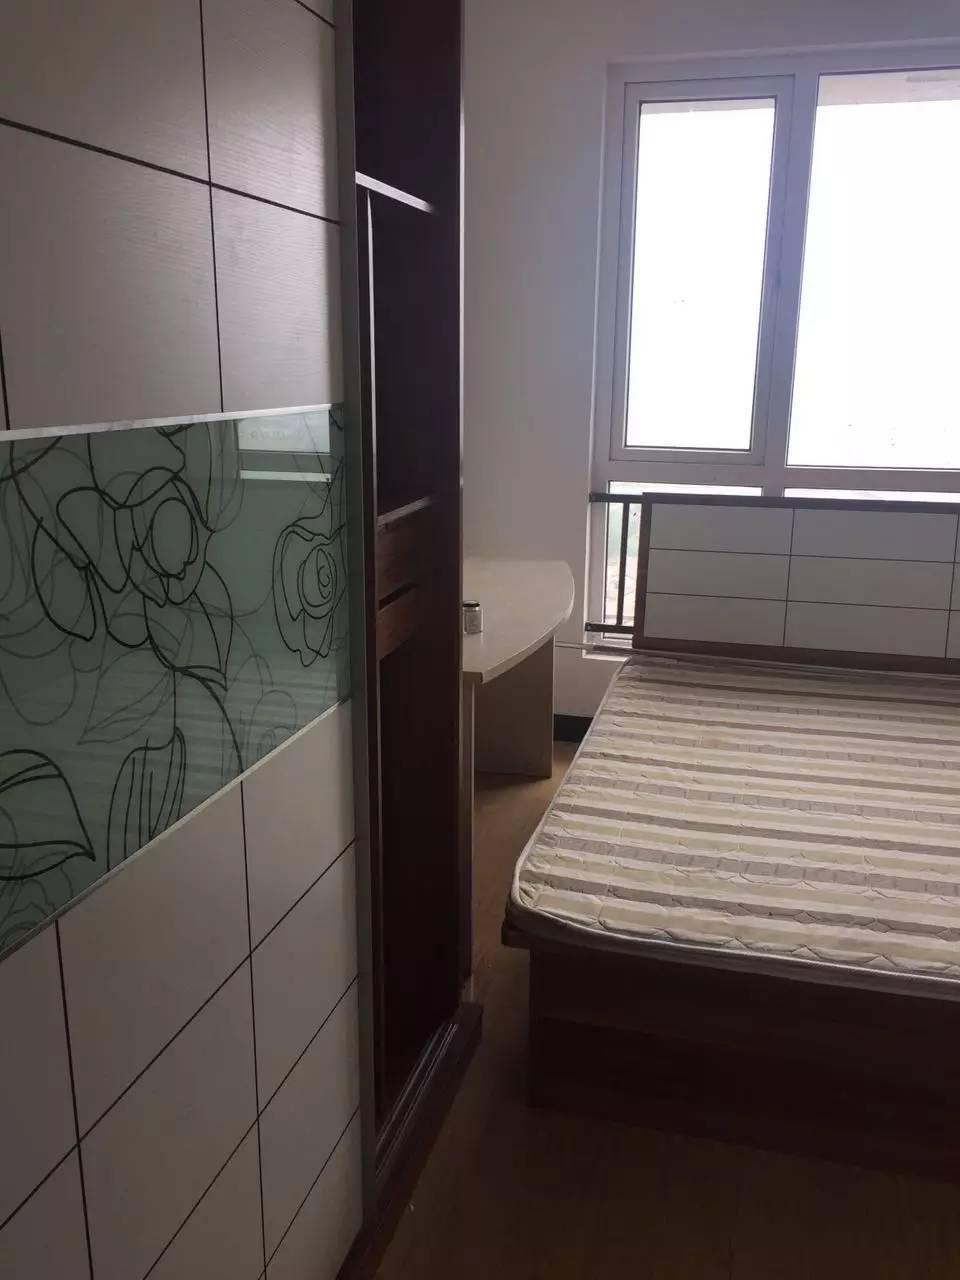 经天路仙林悦城2室1厅1卫65㎡整租精装